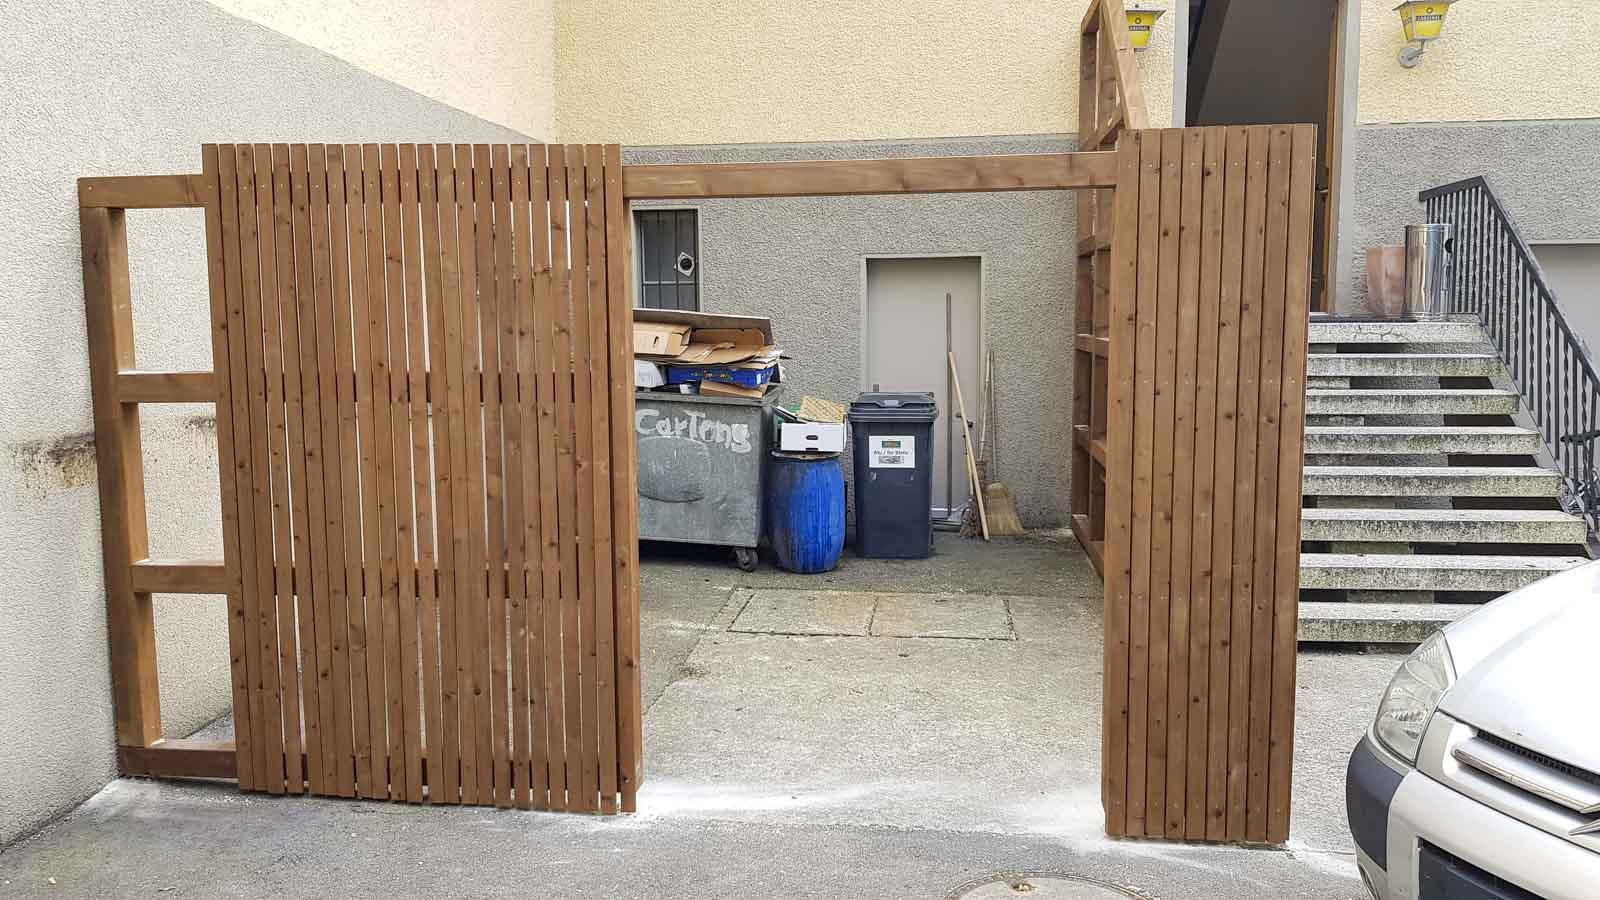 Wooddesign_Terrassengestaltung_Sichtschutz_druckimprägniert braun_Holzverkleidung (2)